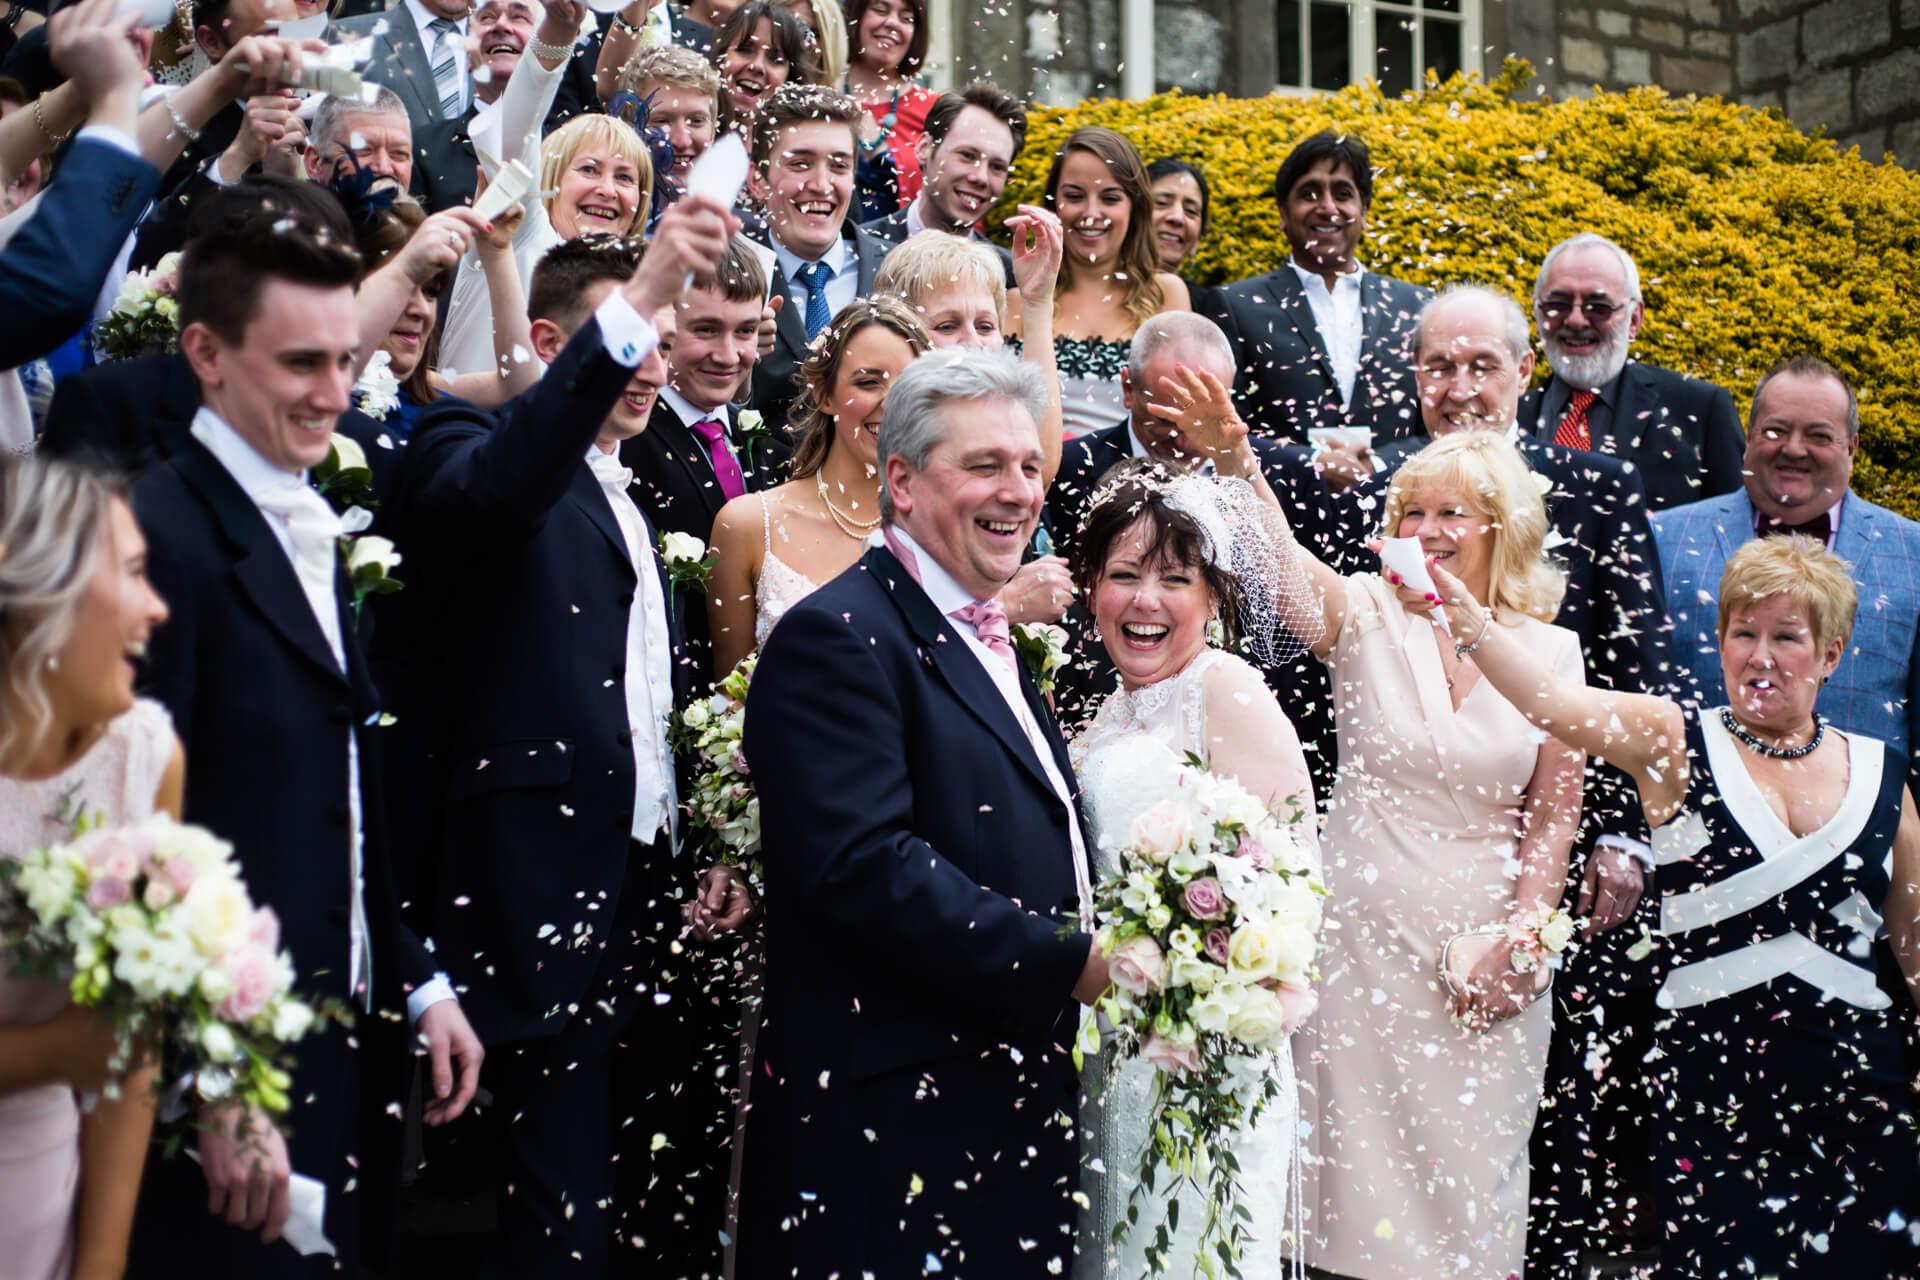 Hazlewood Castle wedding photographer - wedding couple under the confetti